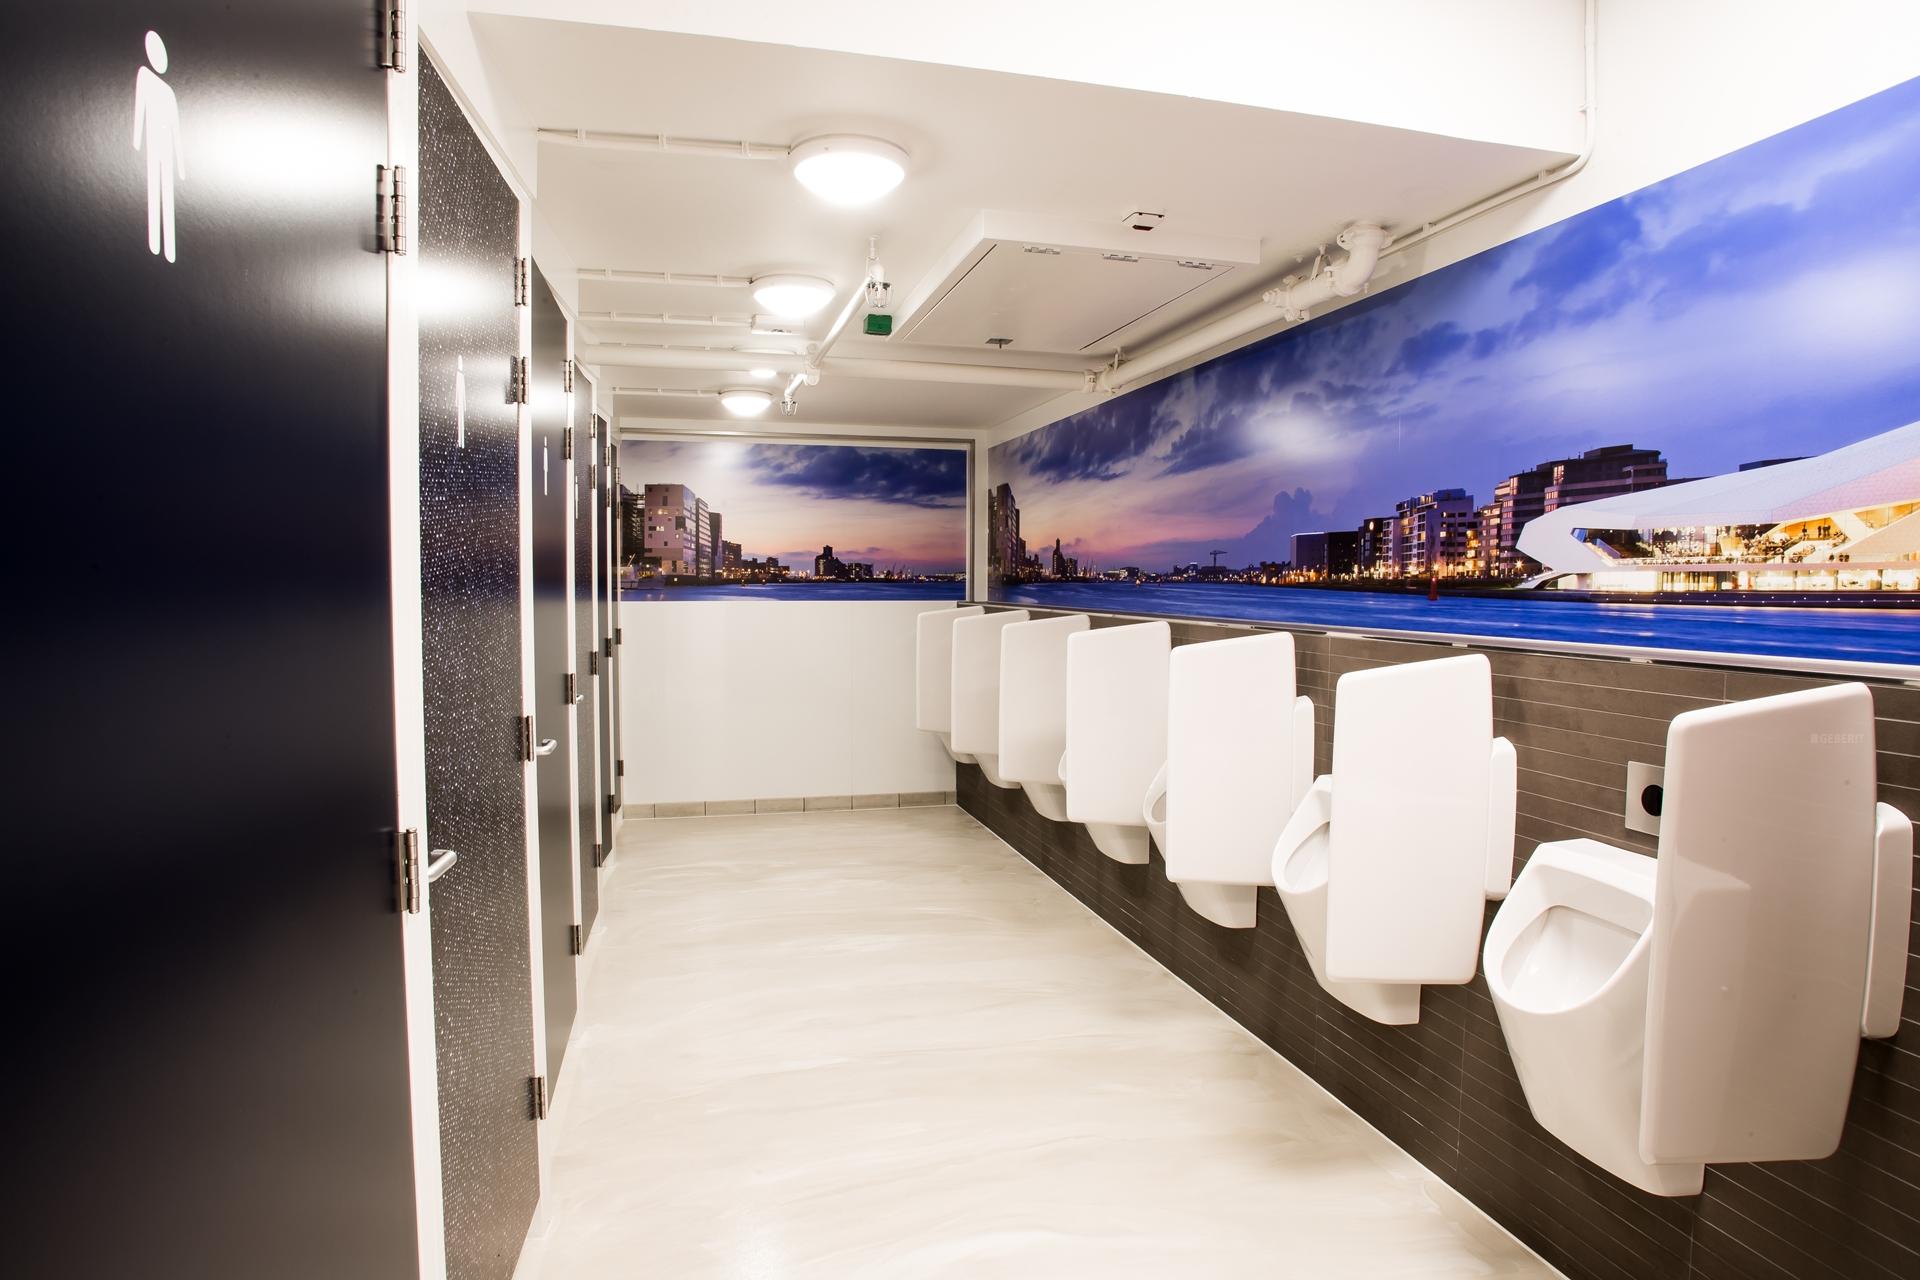 Toiletten sanifair op amsterdam centraal geopend service